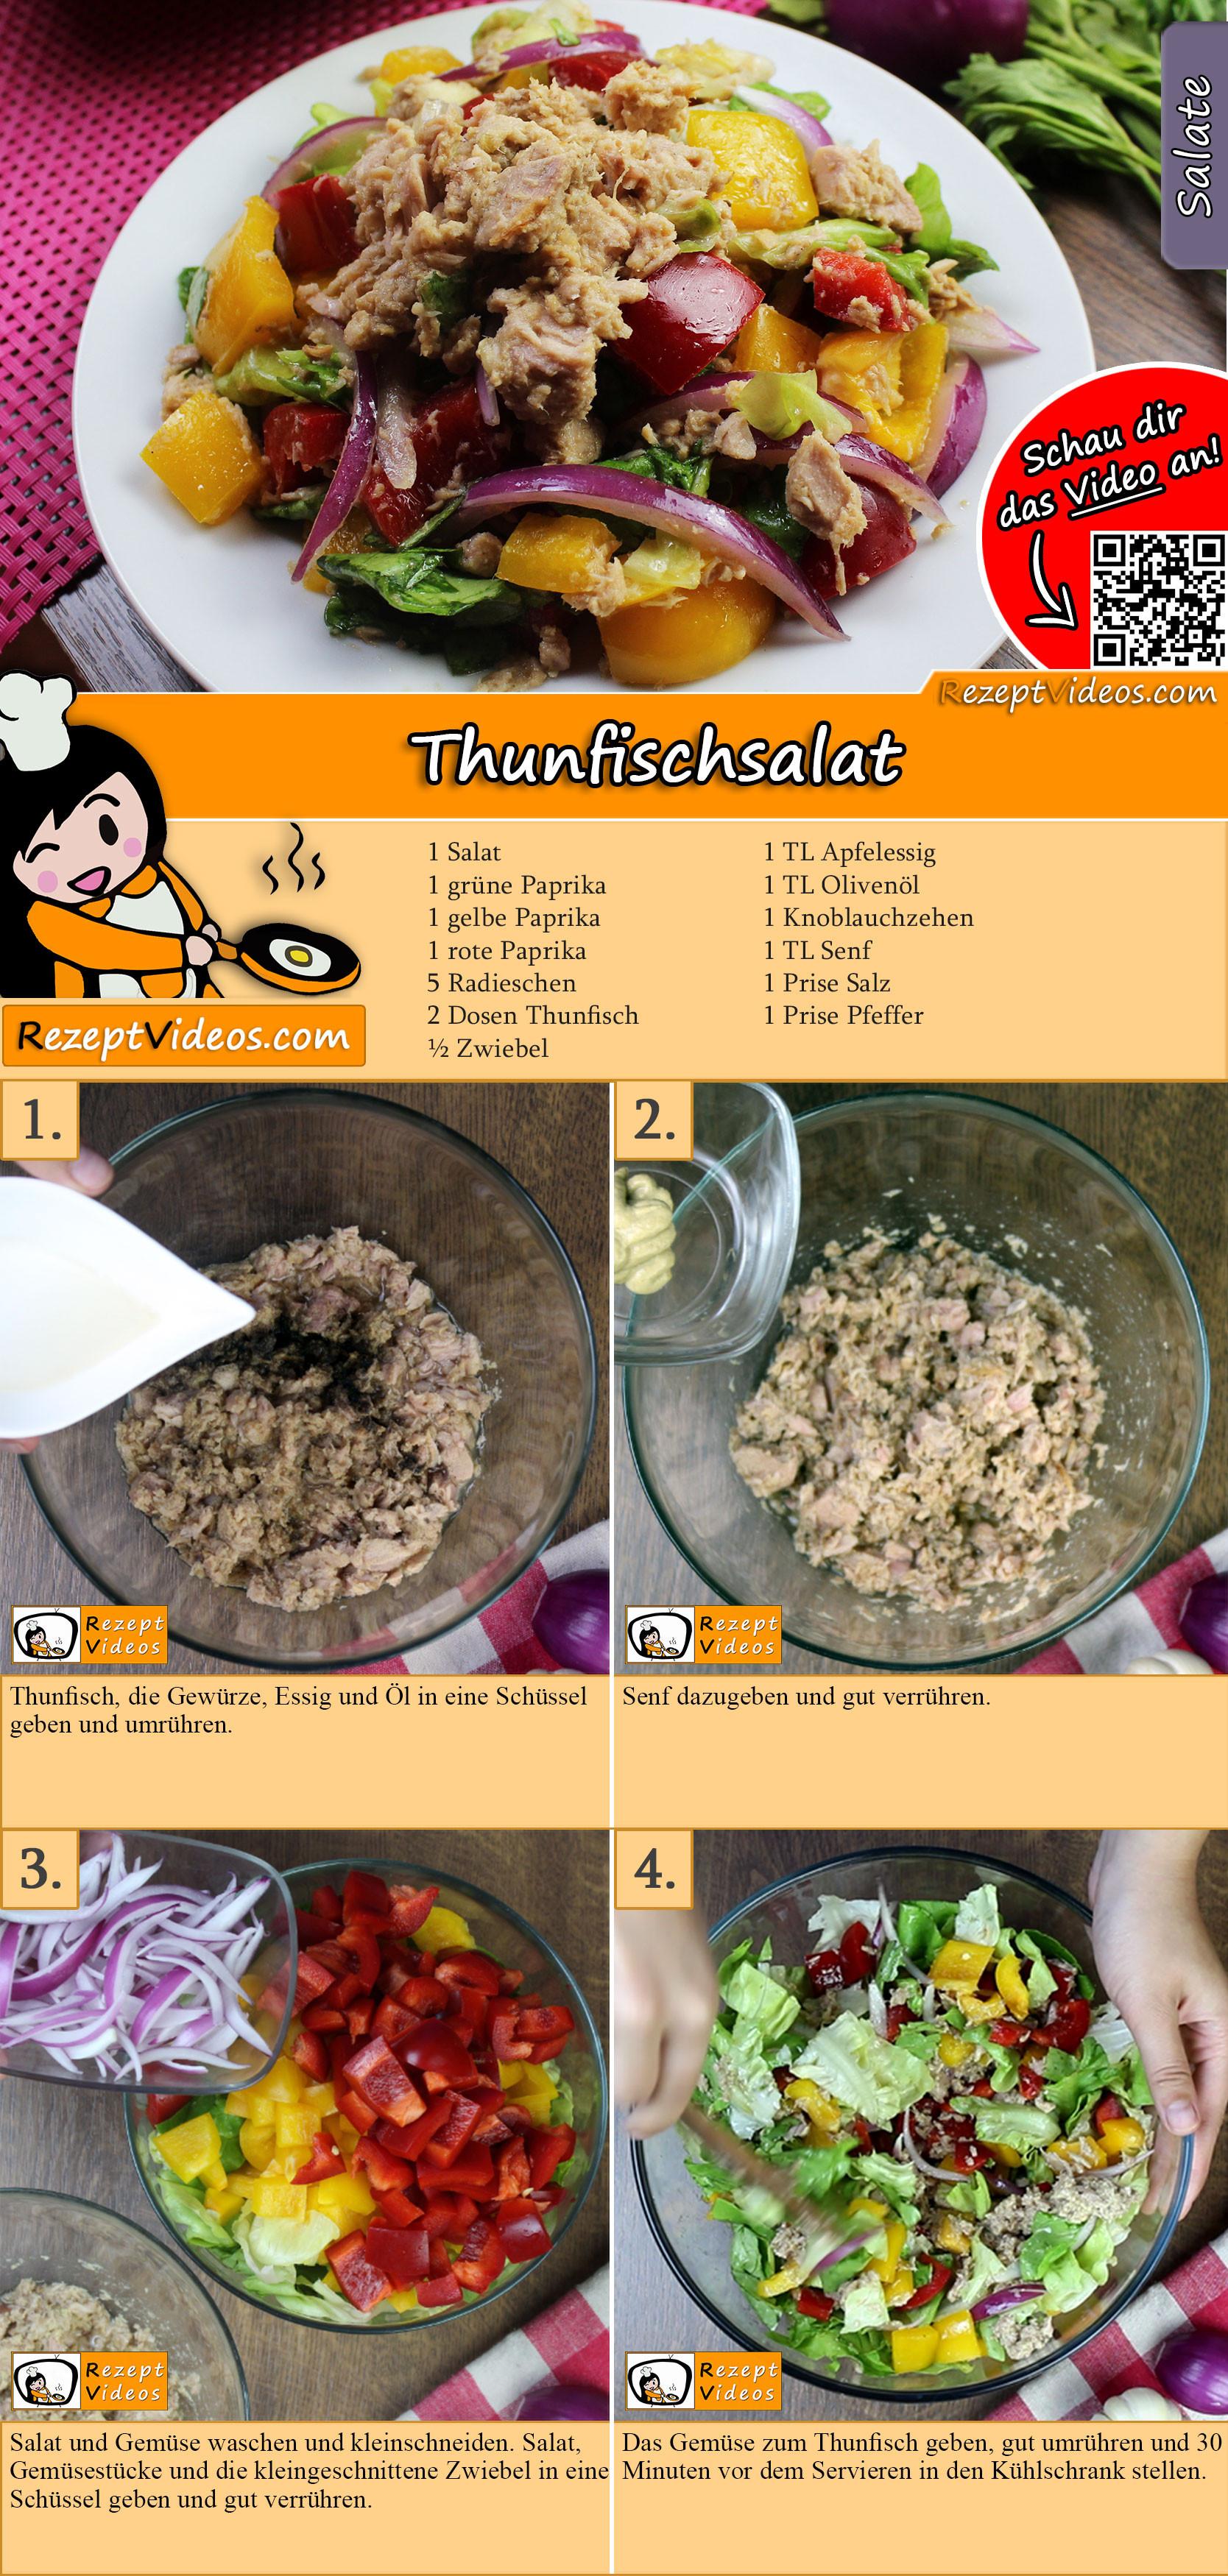 Thunfischsalat Rezept mit Video